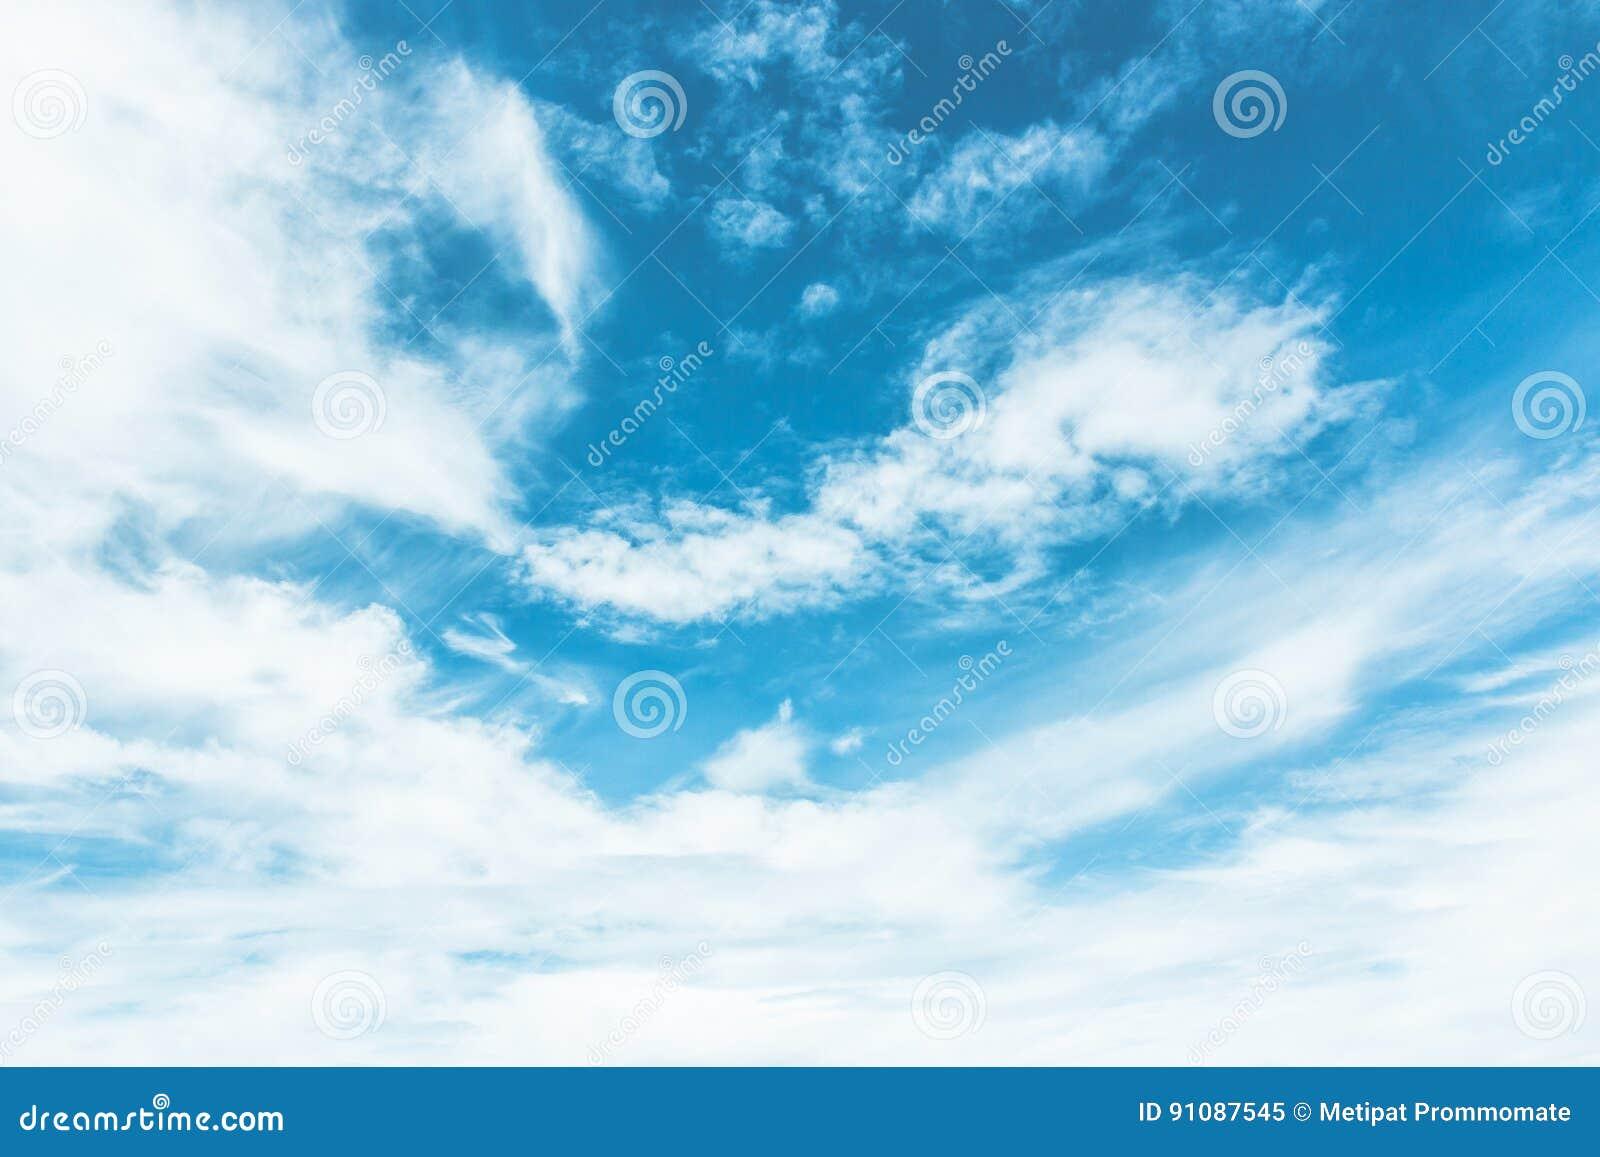 Blauer Himmel Gemalt Mit Weißen Wolken Stockbild - Bild von gemalt ...